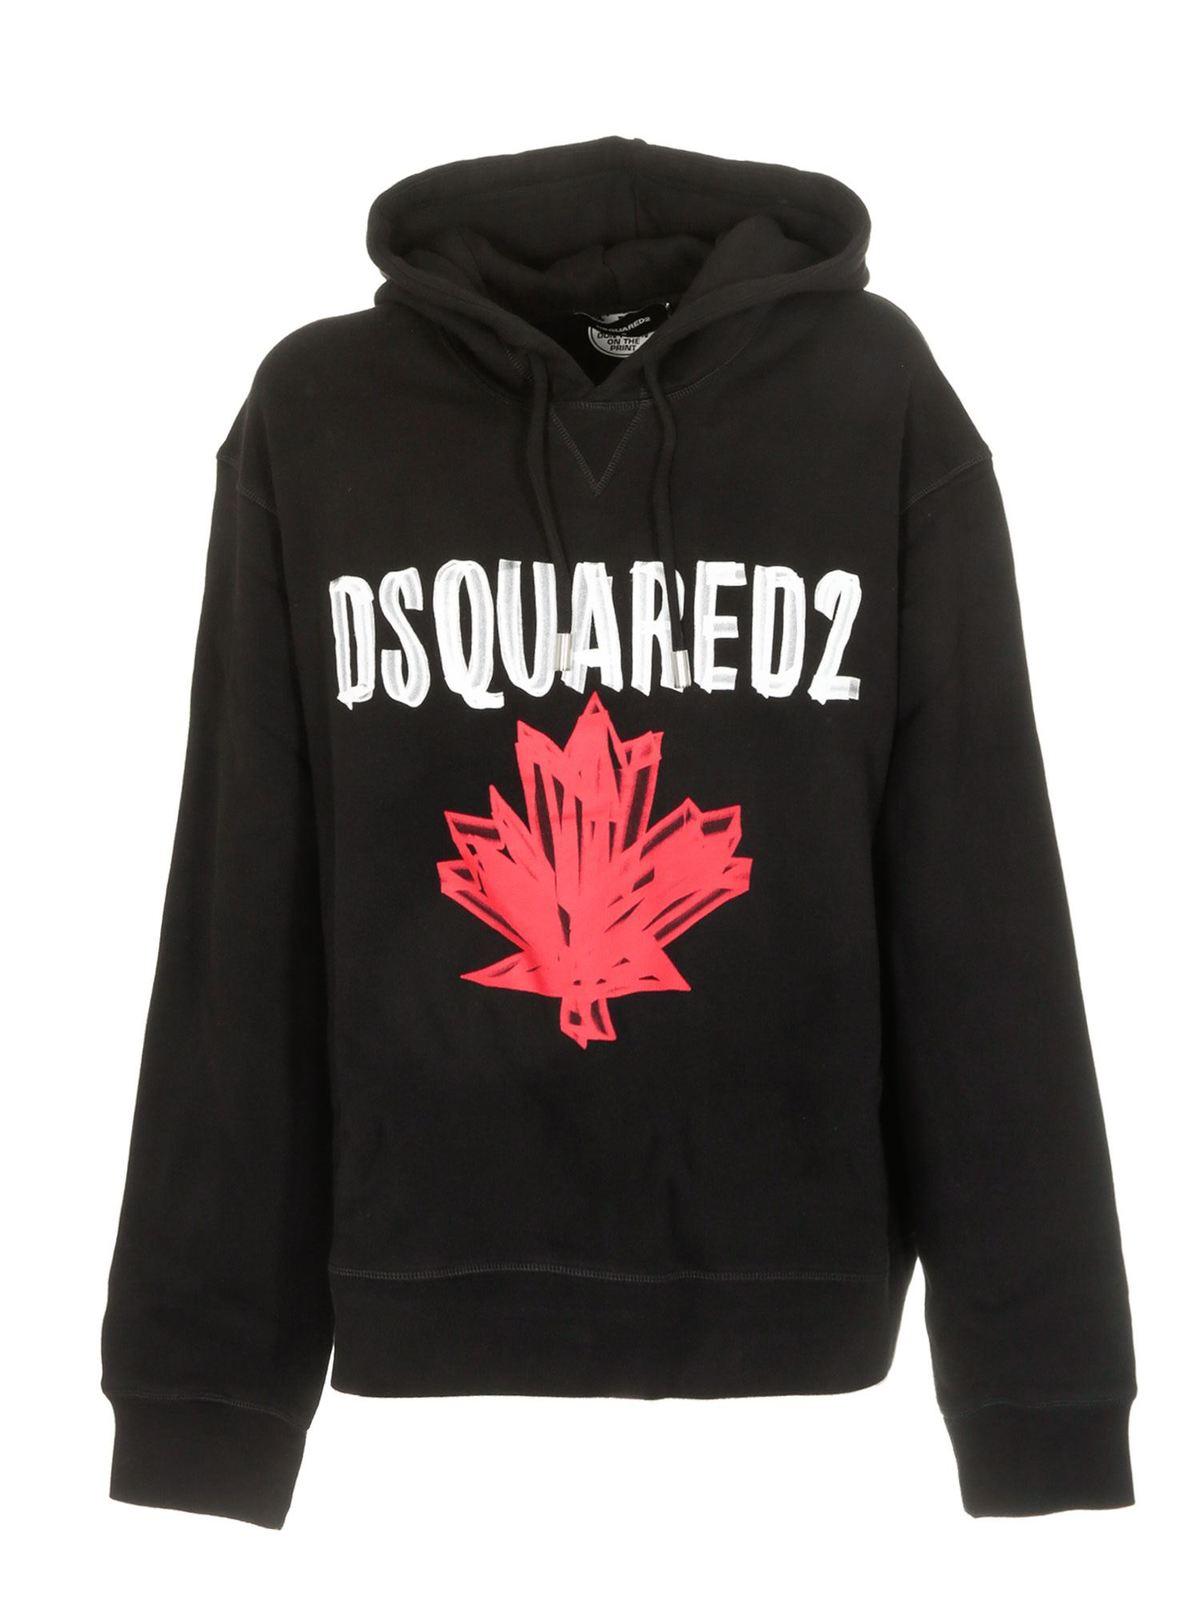 Dsquared2 Hoodies MAPLE LEAF HOODIE IN BLACK